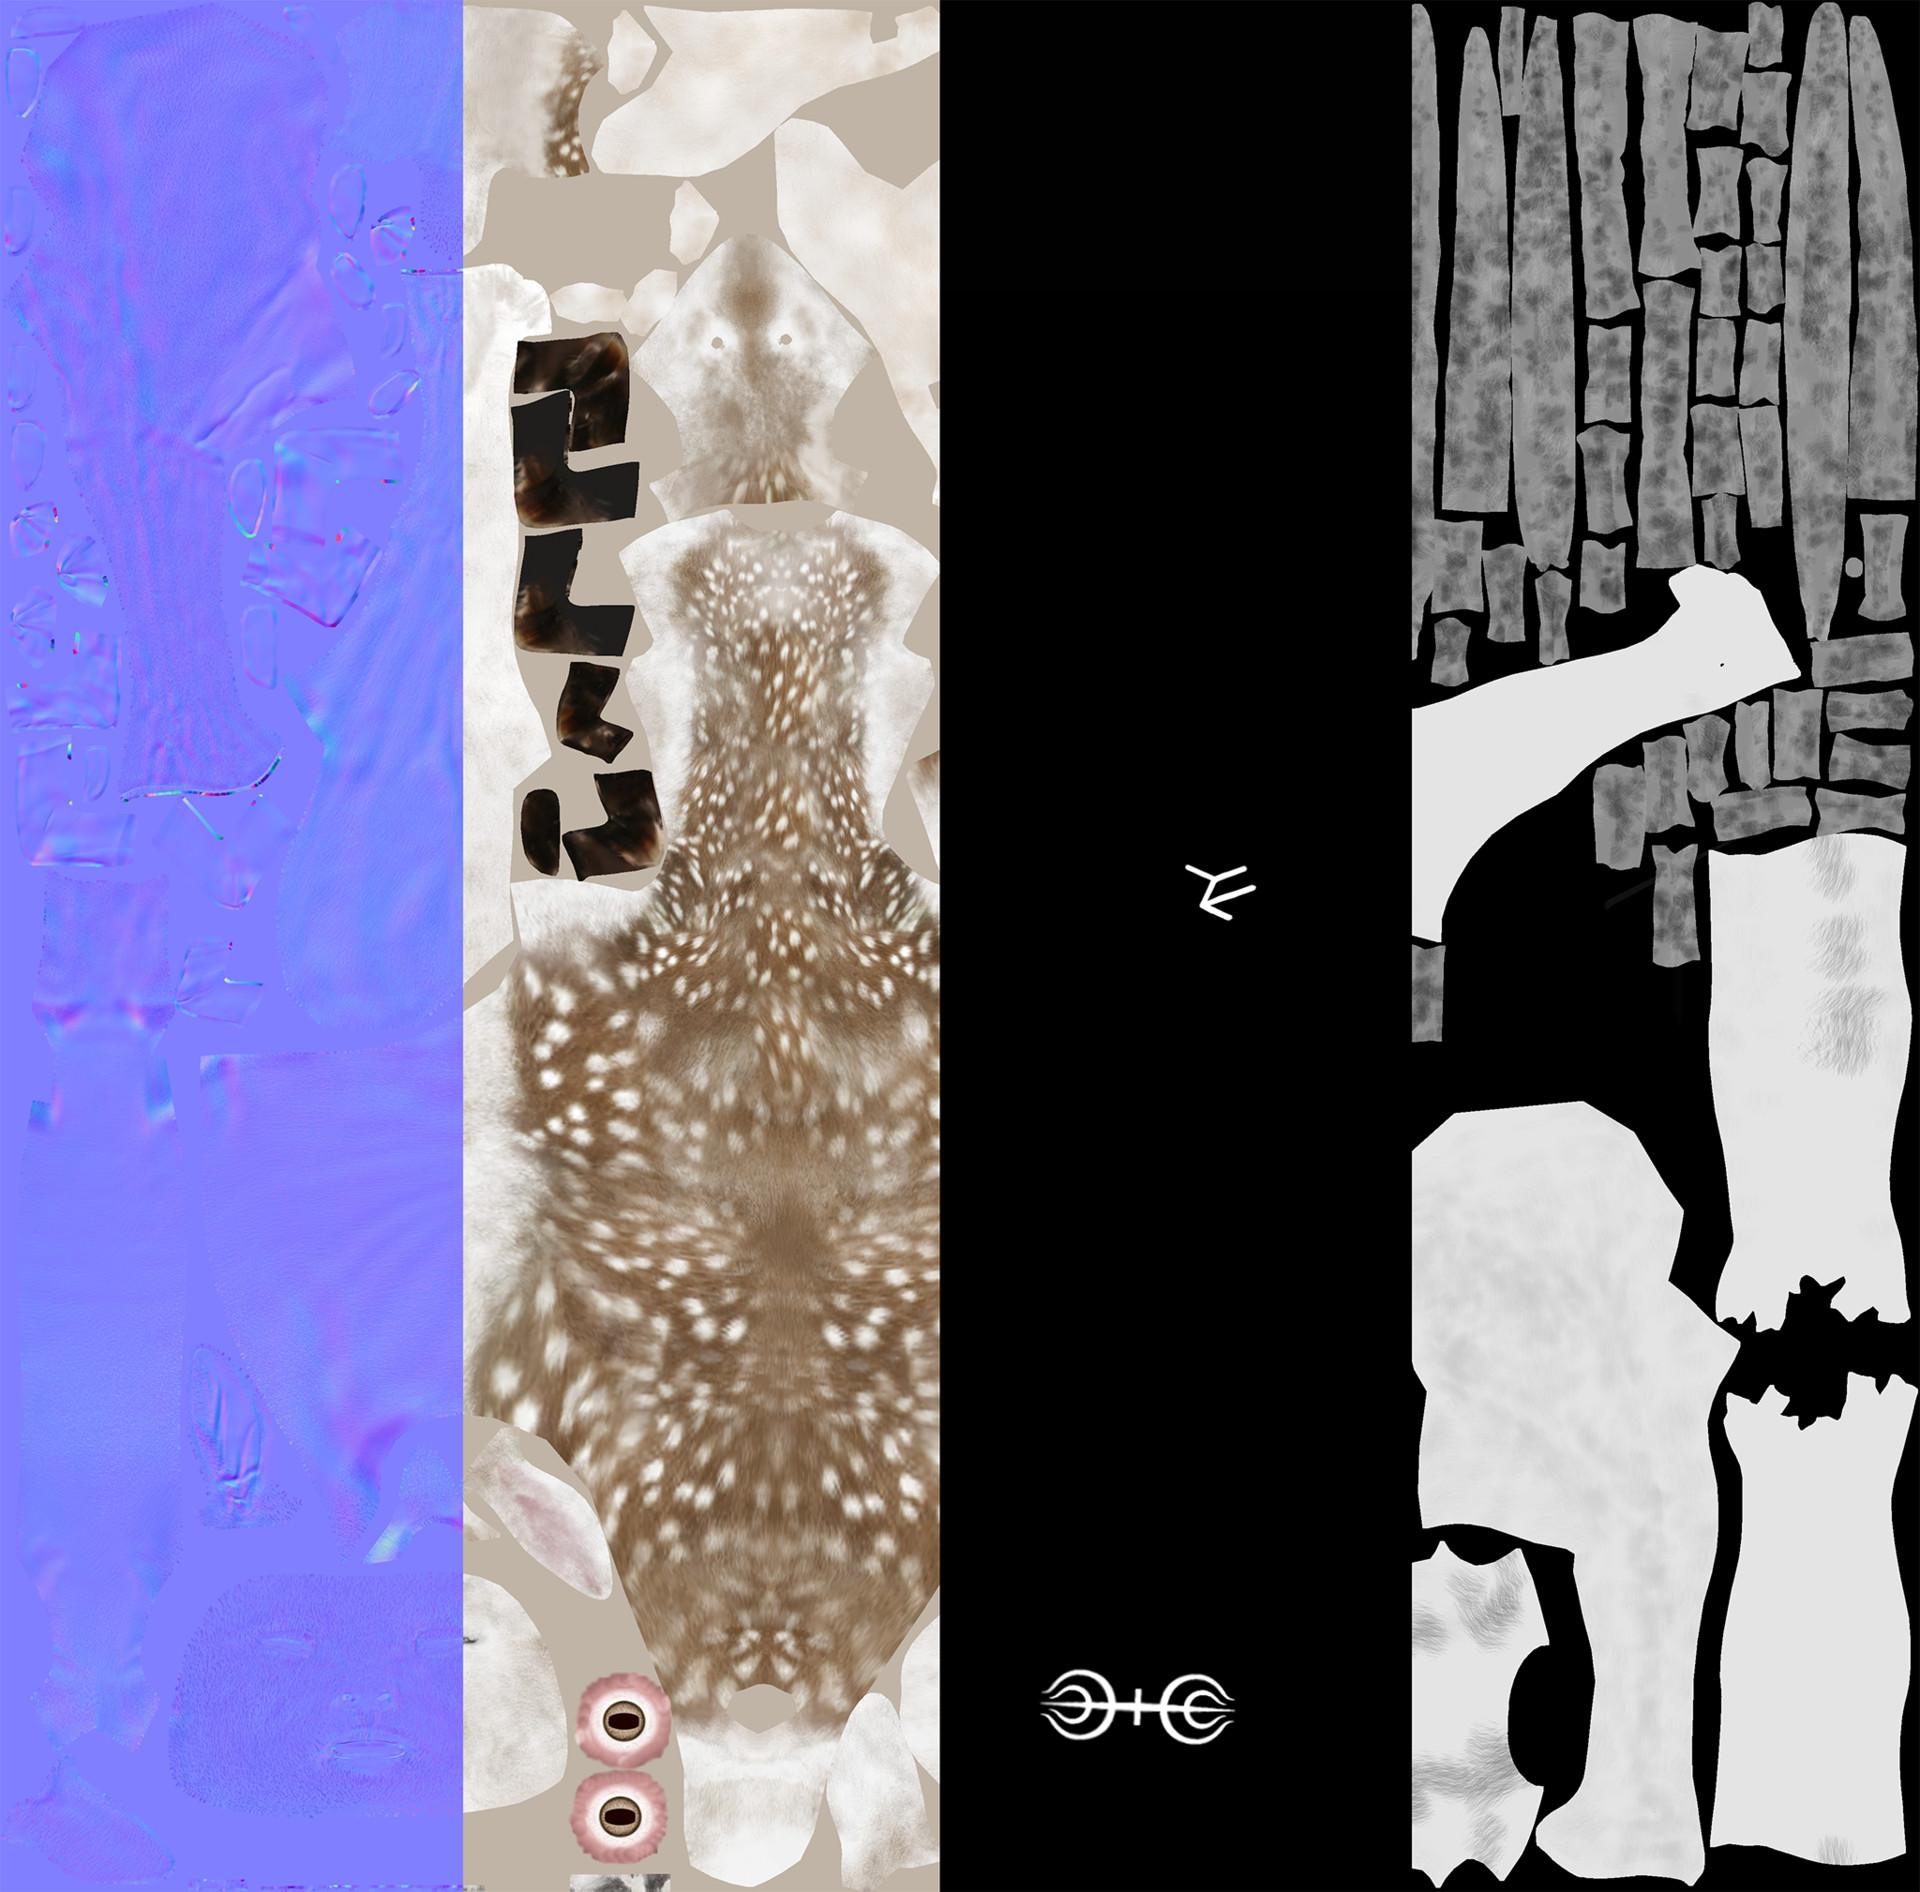 Rayco gonzalez texturespresentation2048